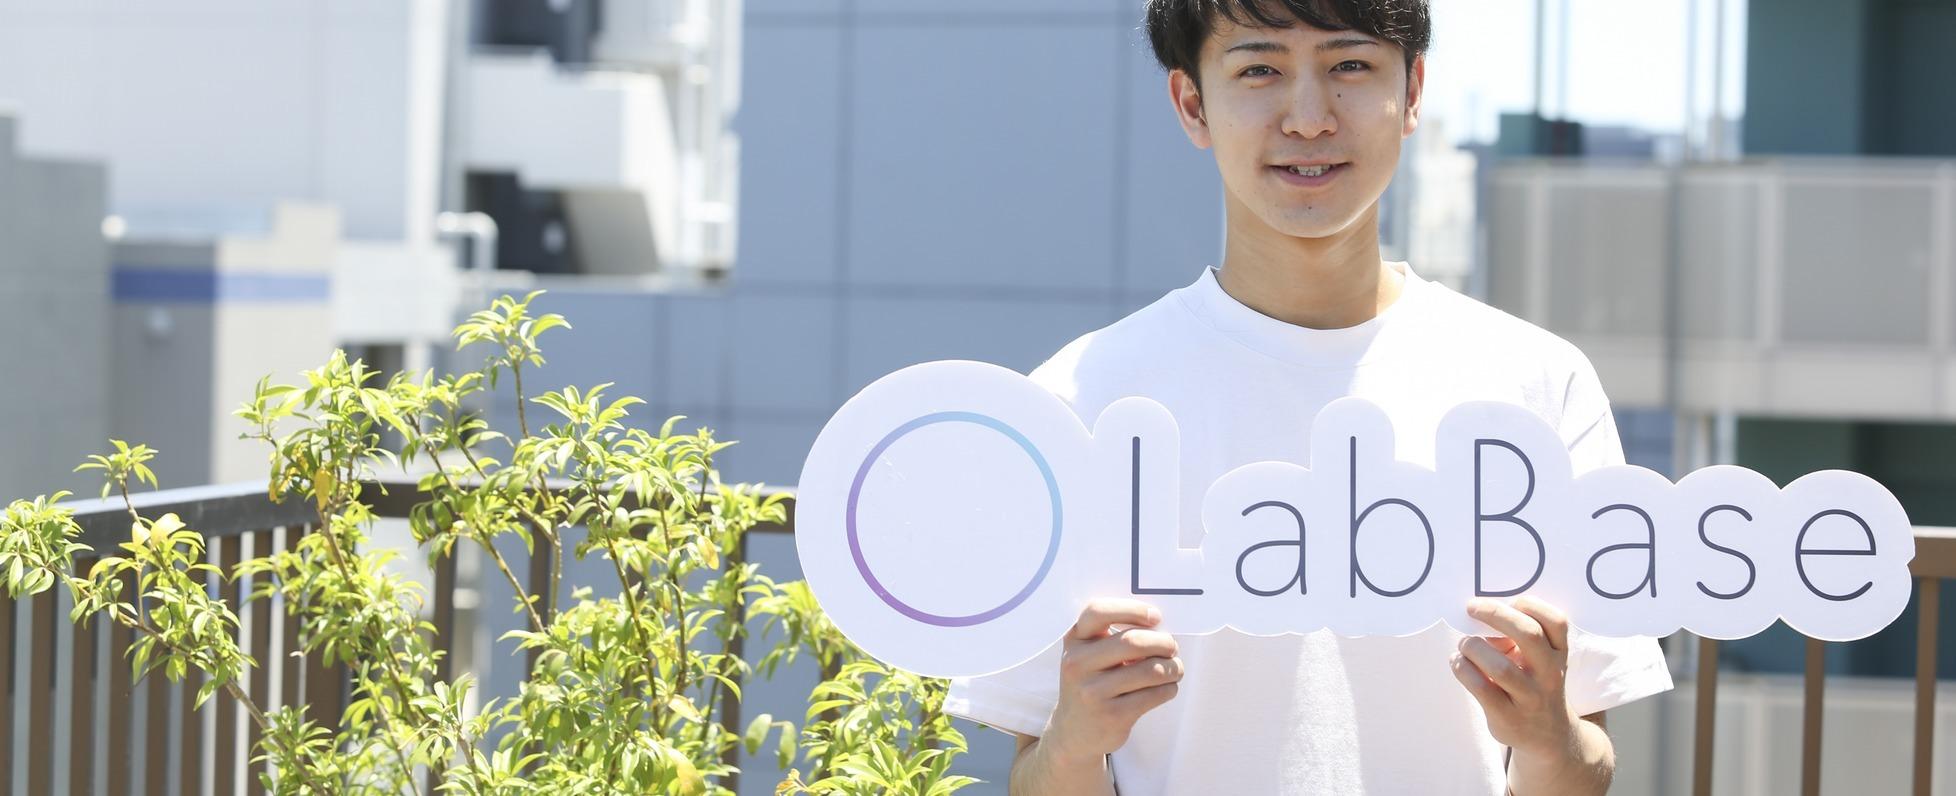 理系学生へのダイレクトリクルーティングサービス「LabBase」のReactでのフロントエンド開発